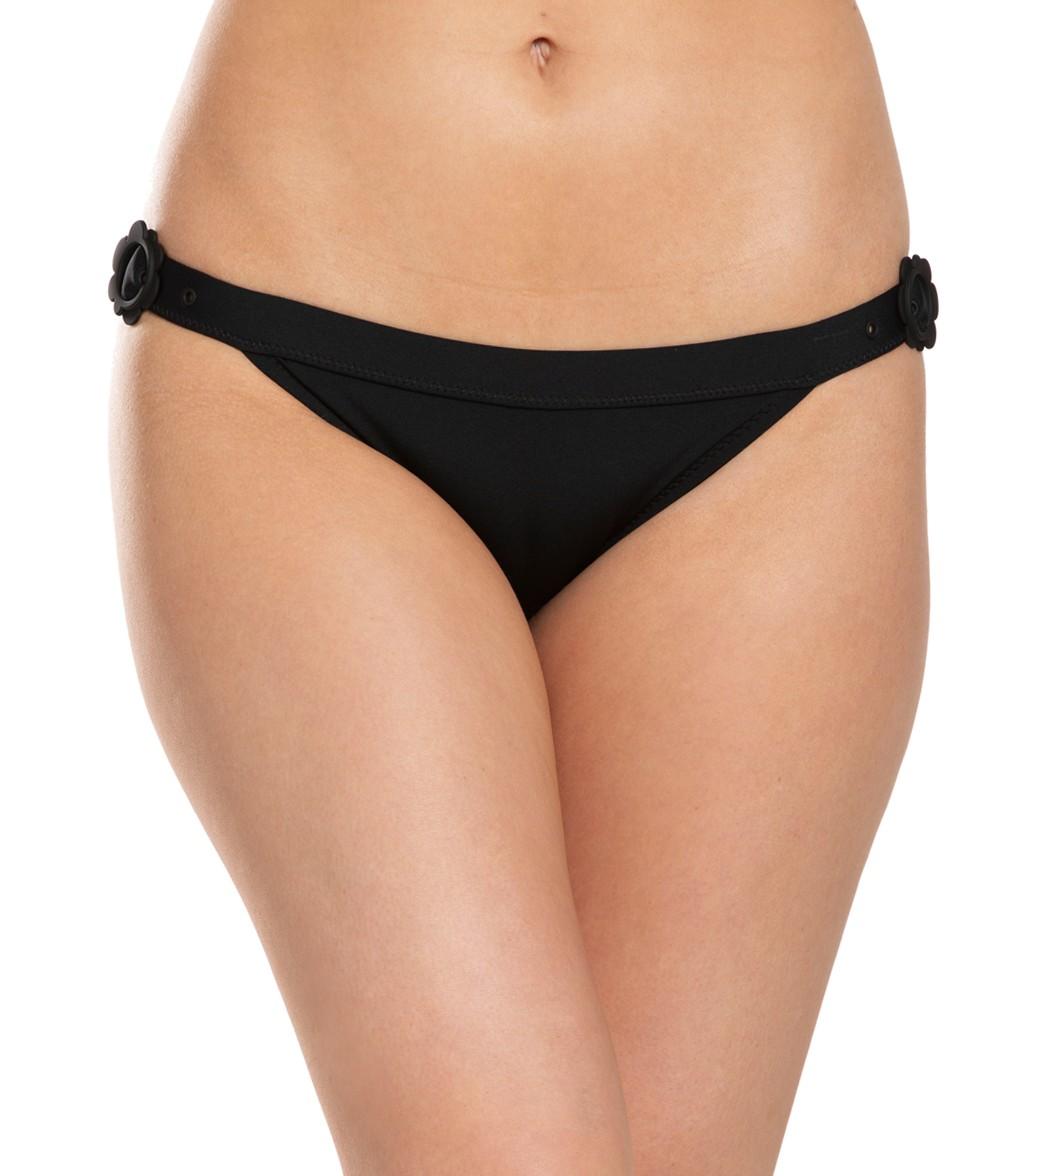 Kate Spade New York Daisy Buckle Bikini Bottom